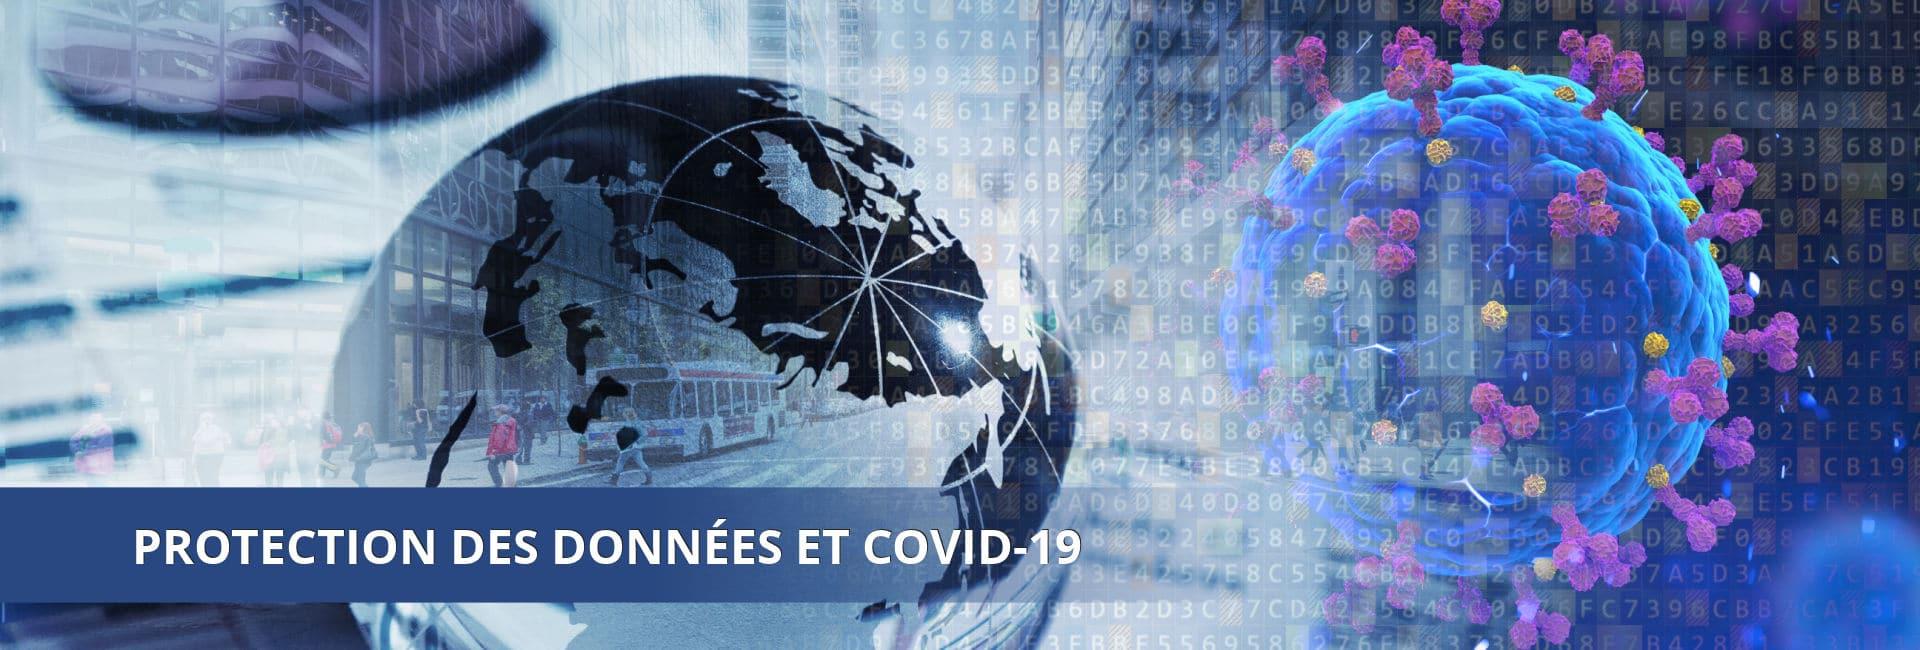 Protection des Données et COVID-19